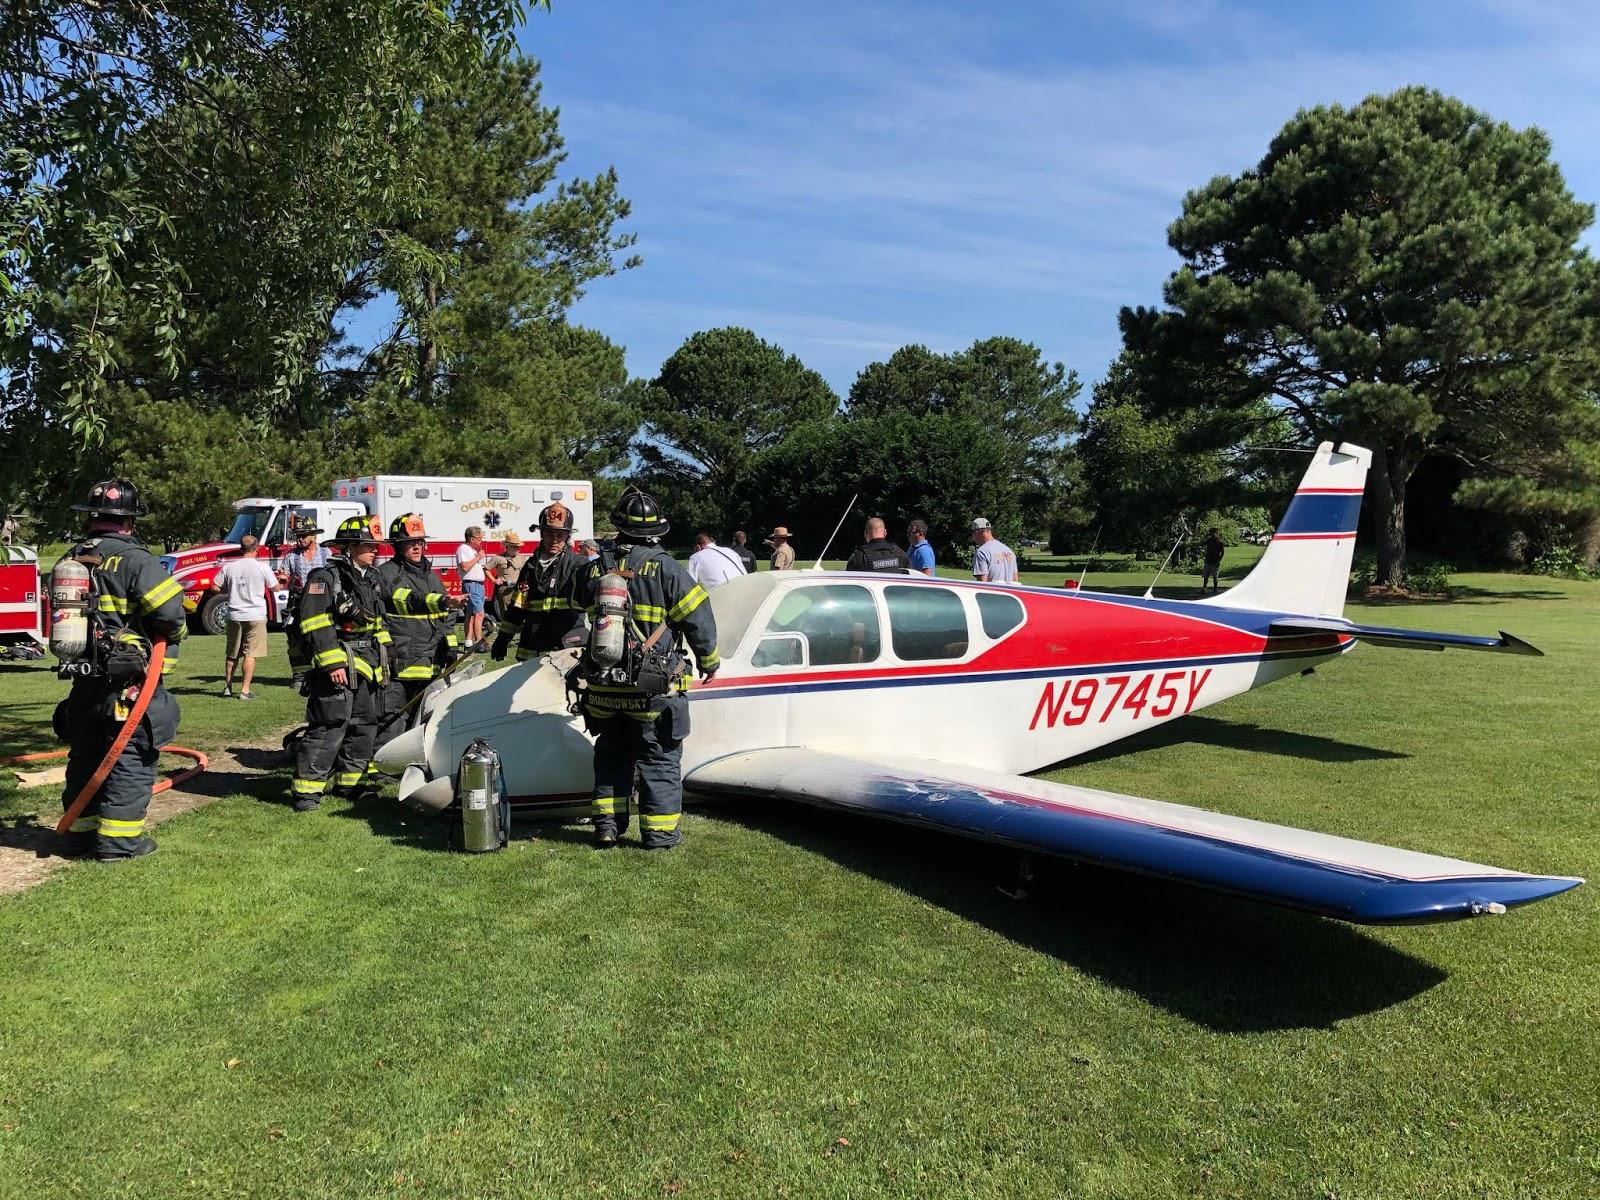 Kathryn's Report: Beech 35-B33 Debonair, N9745Y: Accident occurred